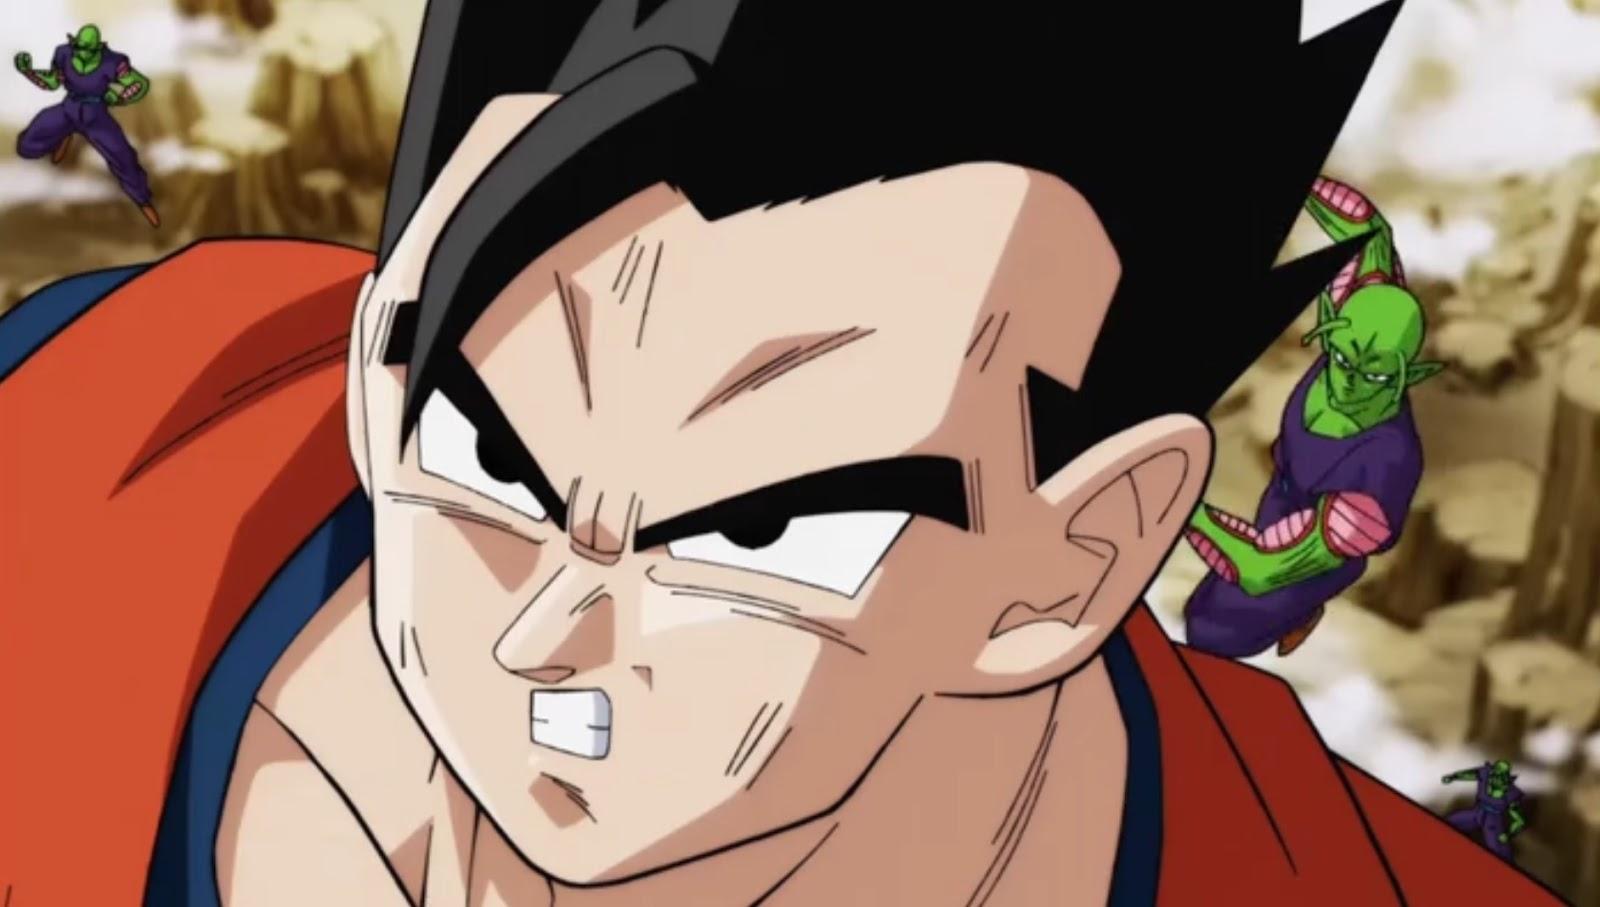 Dragon Ball Super: Episódio 88 – Gohan e Piccolo Professor e Aluno se Enfrentam em um Super Treino, Dragon Ball Super - Episódio 88,  Assistir Dragon Ball Super Episodio 88, Download Dragon Ball Super 88 HD, 720P Assistir Dragon Ball Super 88, DBS85, Baixa.